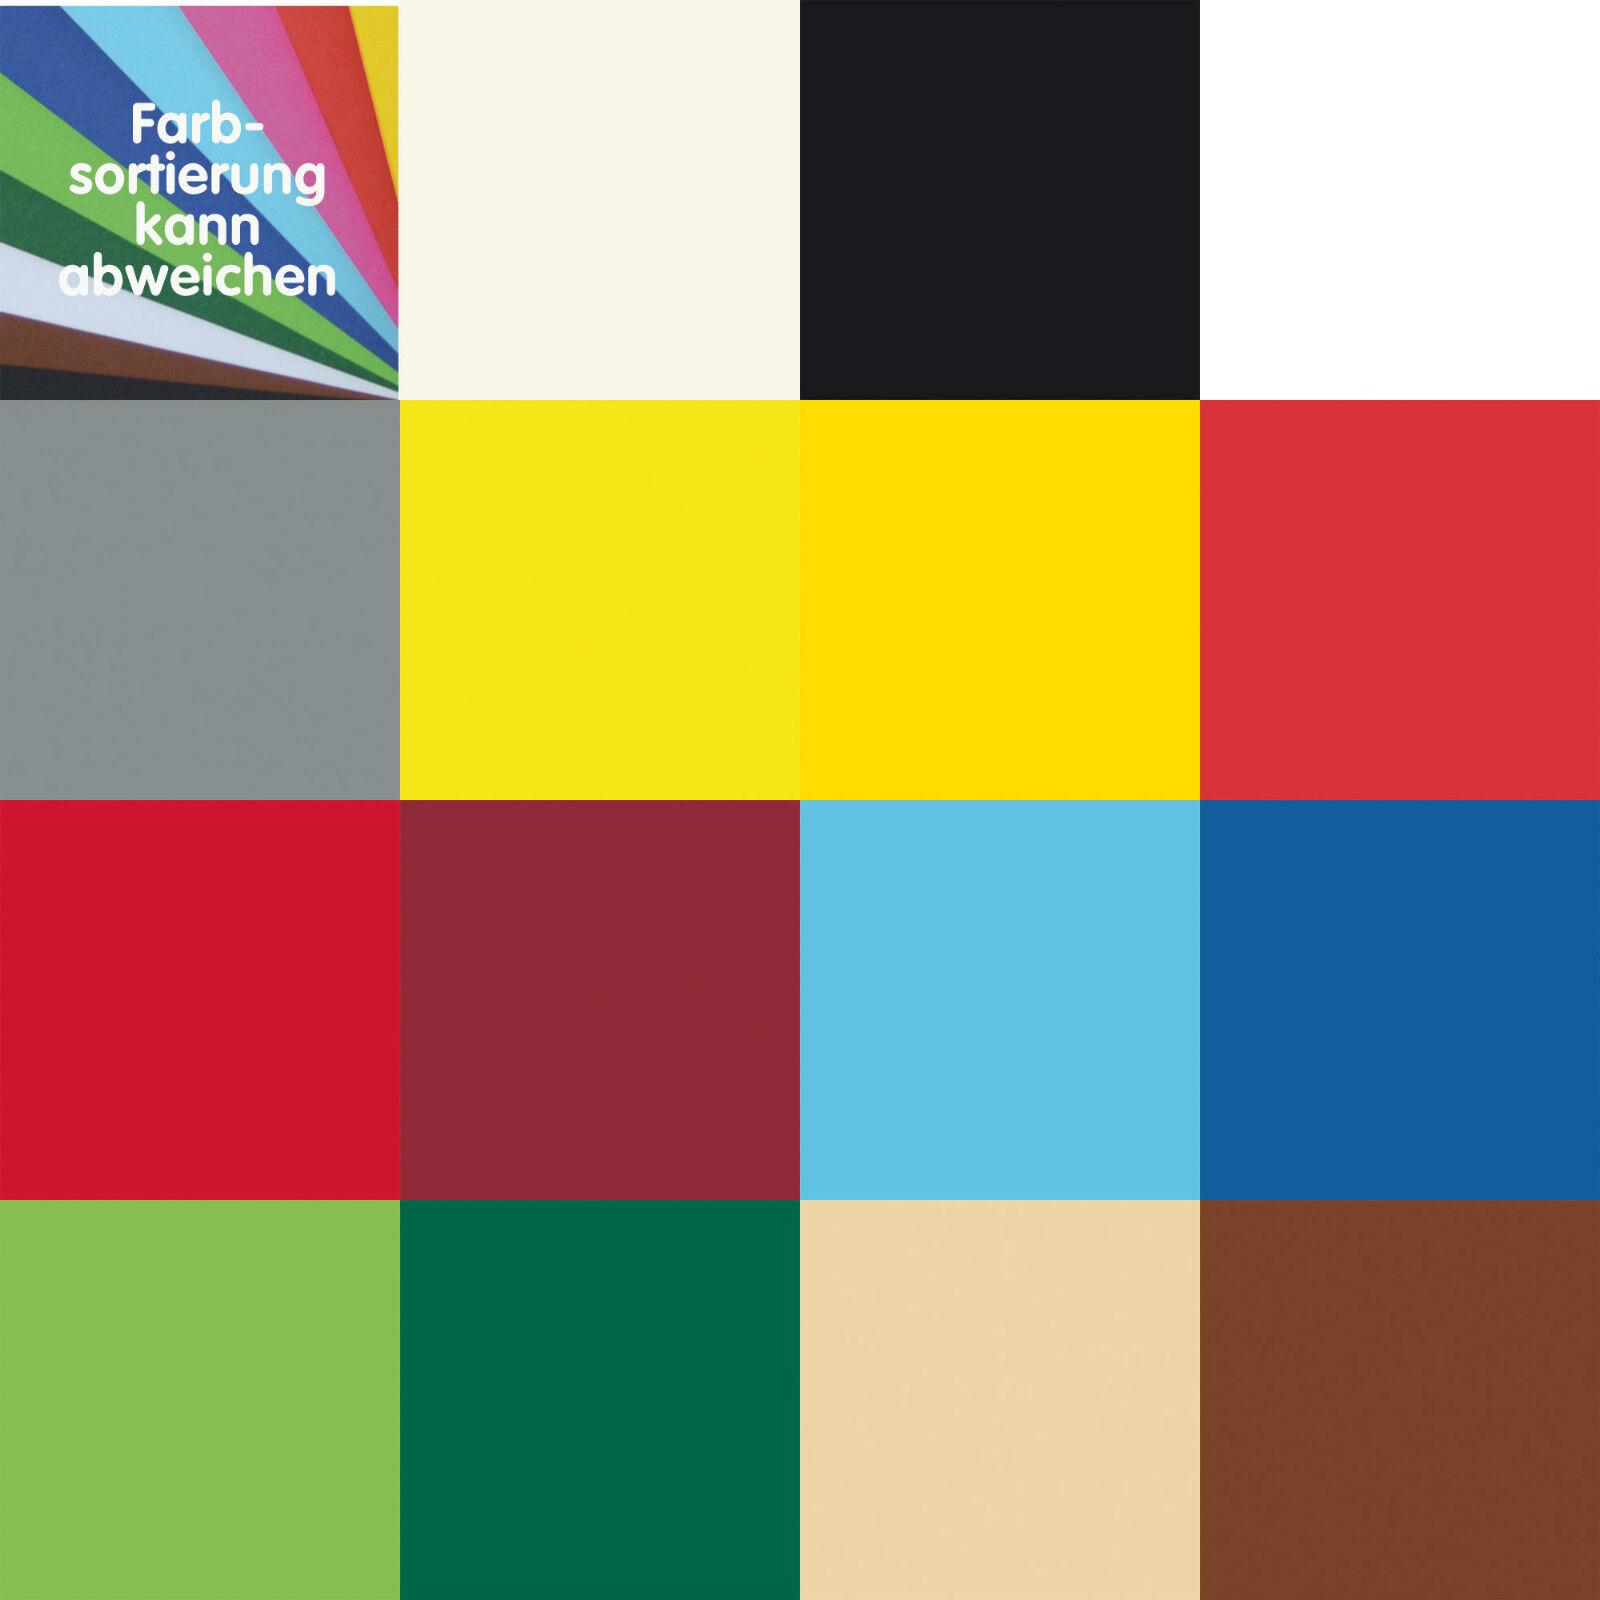 (1,86€/m²) FOTOKARTON DIN A4 - Packung á 50 Blatt, div. Farben von Folia 2131.30